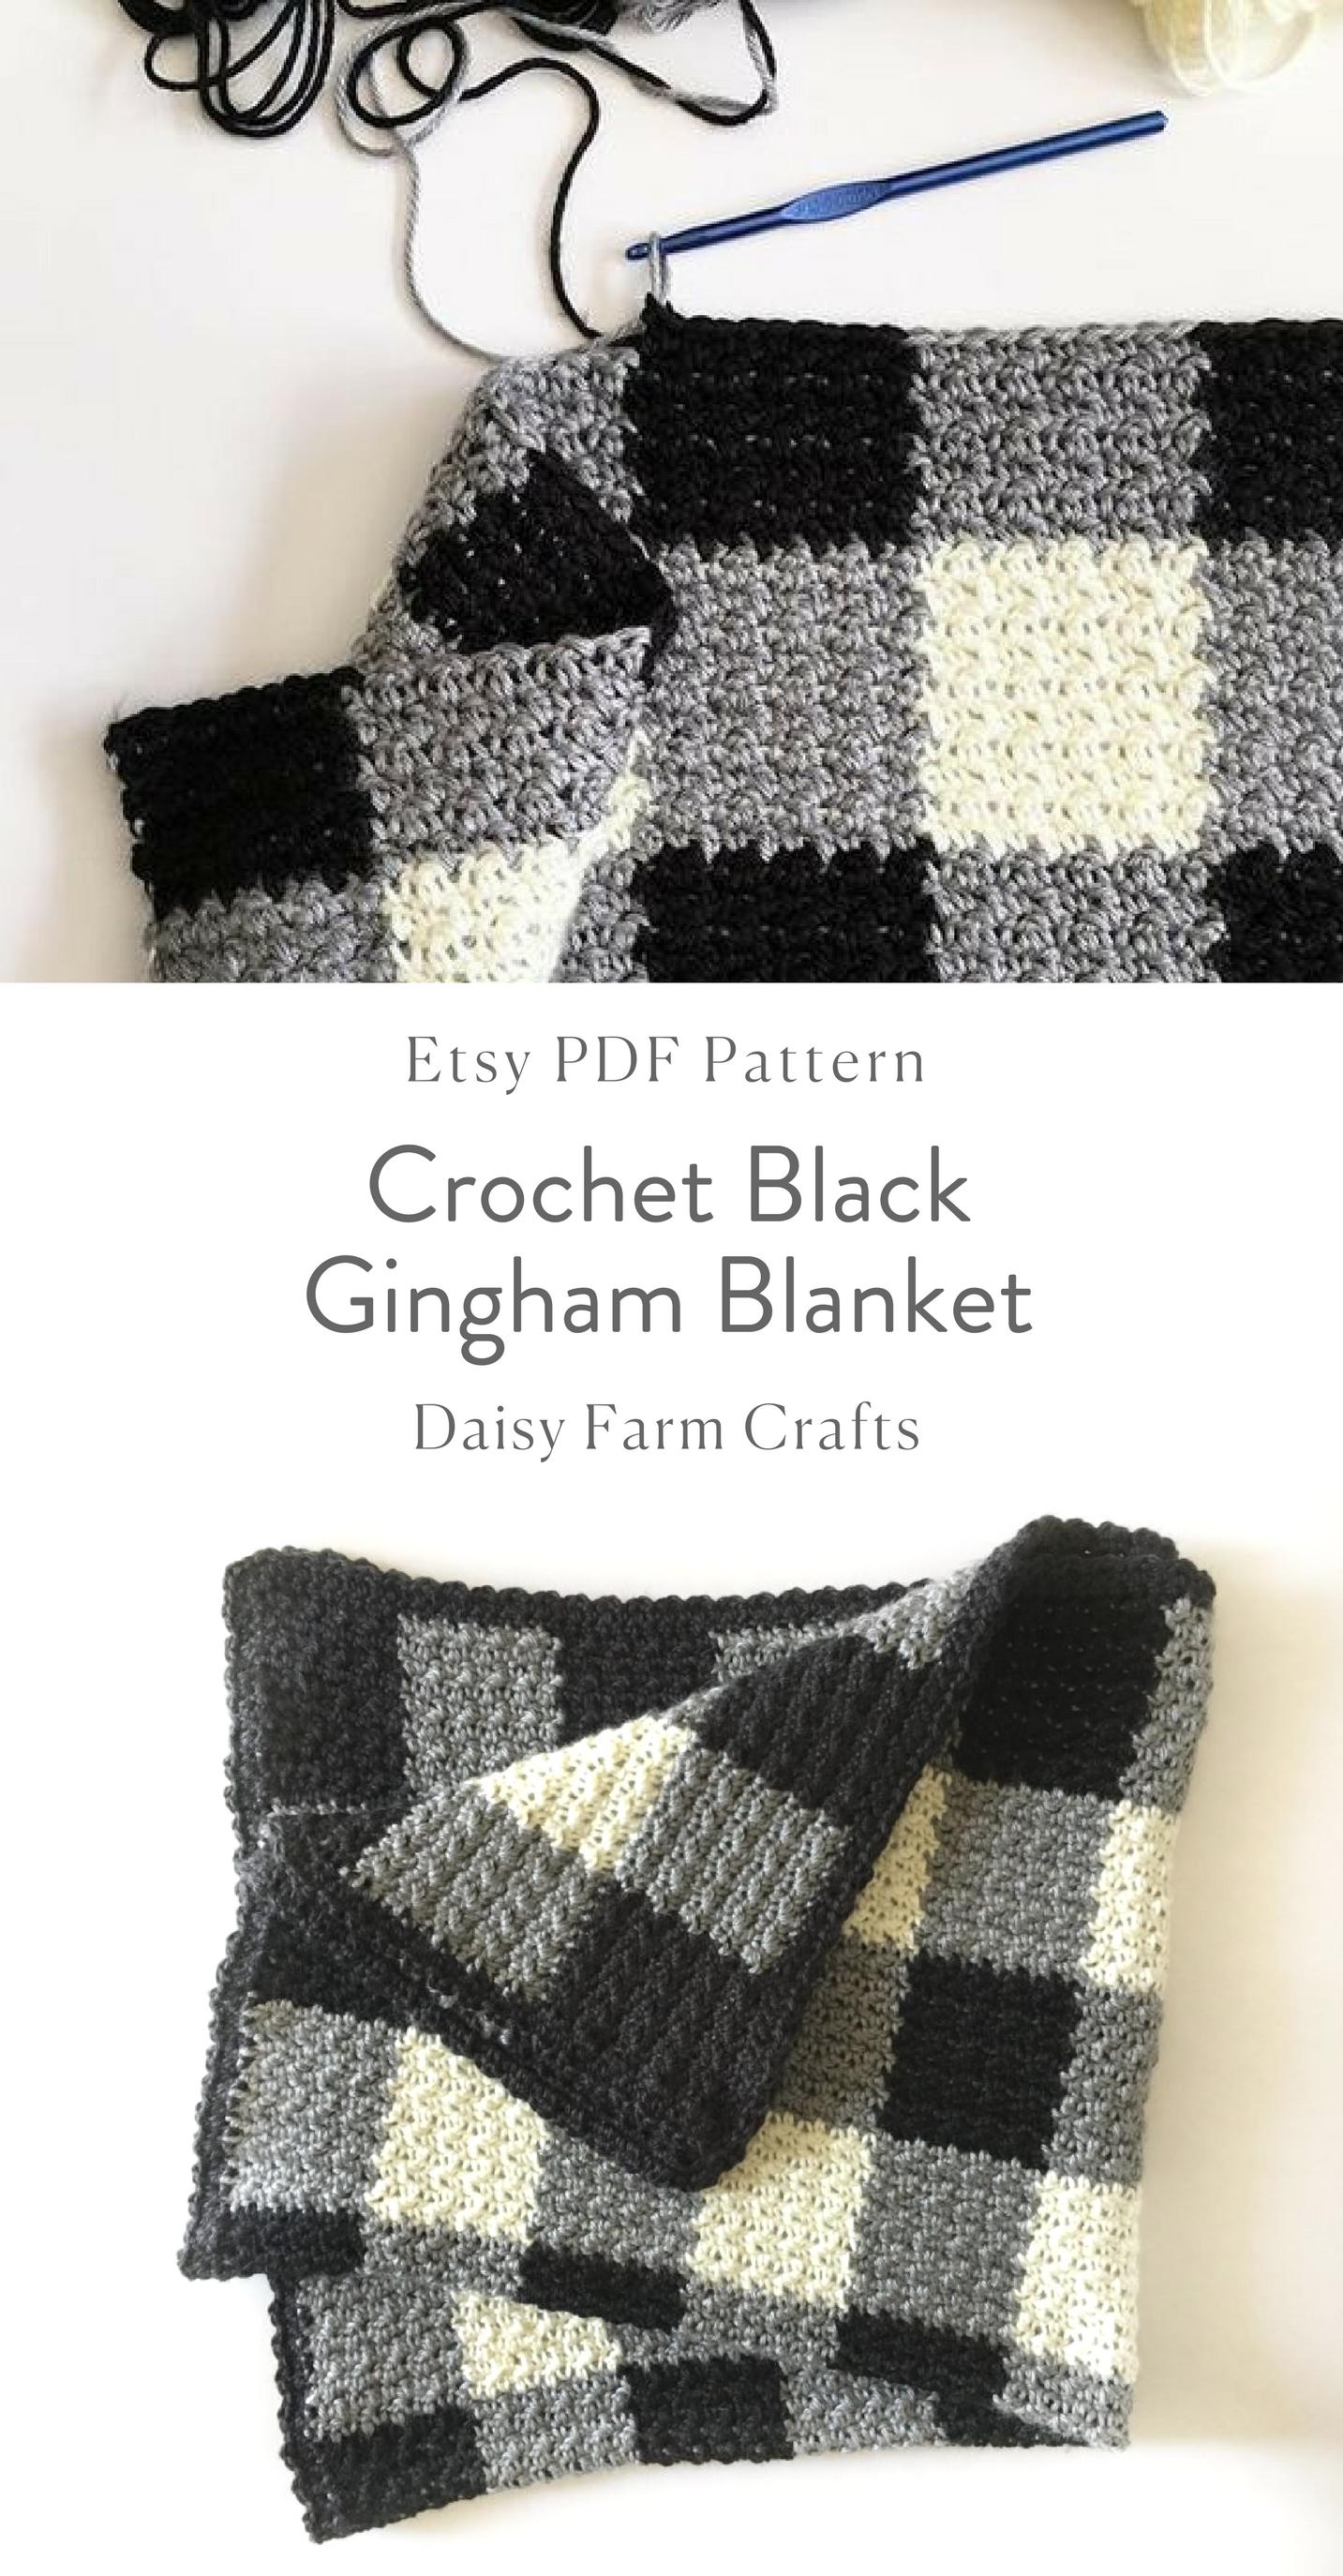 Etsy Pdf Pattern Crochet Black Gingham Blanket By Tashiab Basic Granny Square Stitch Diagram